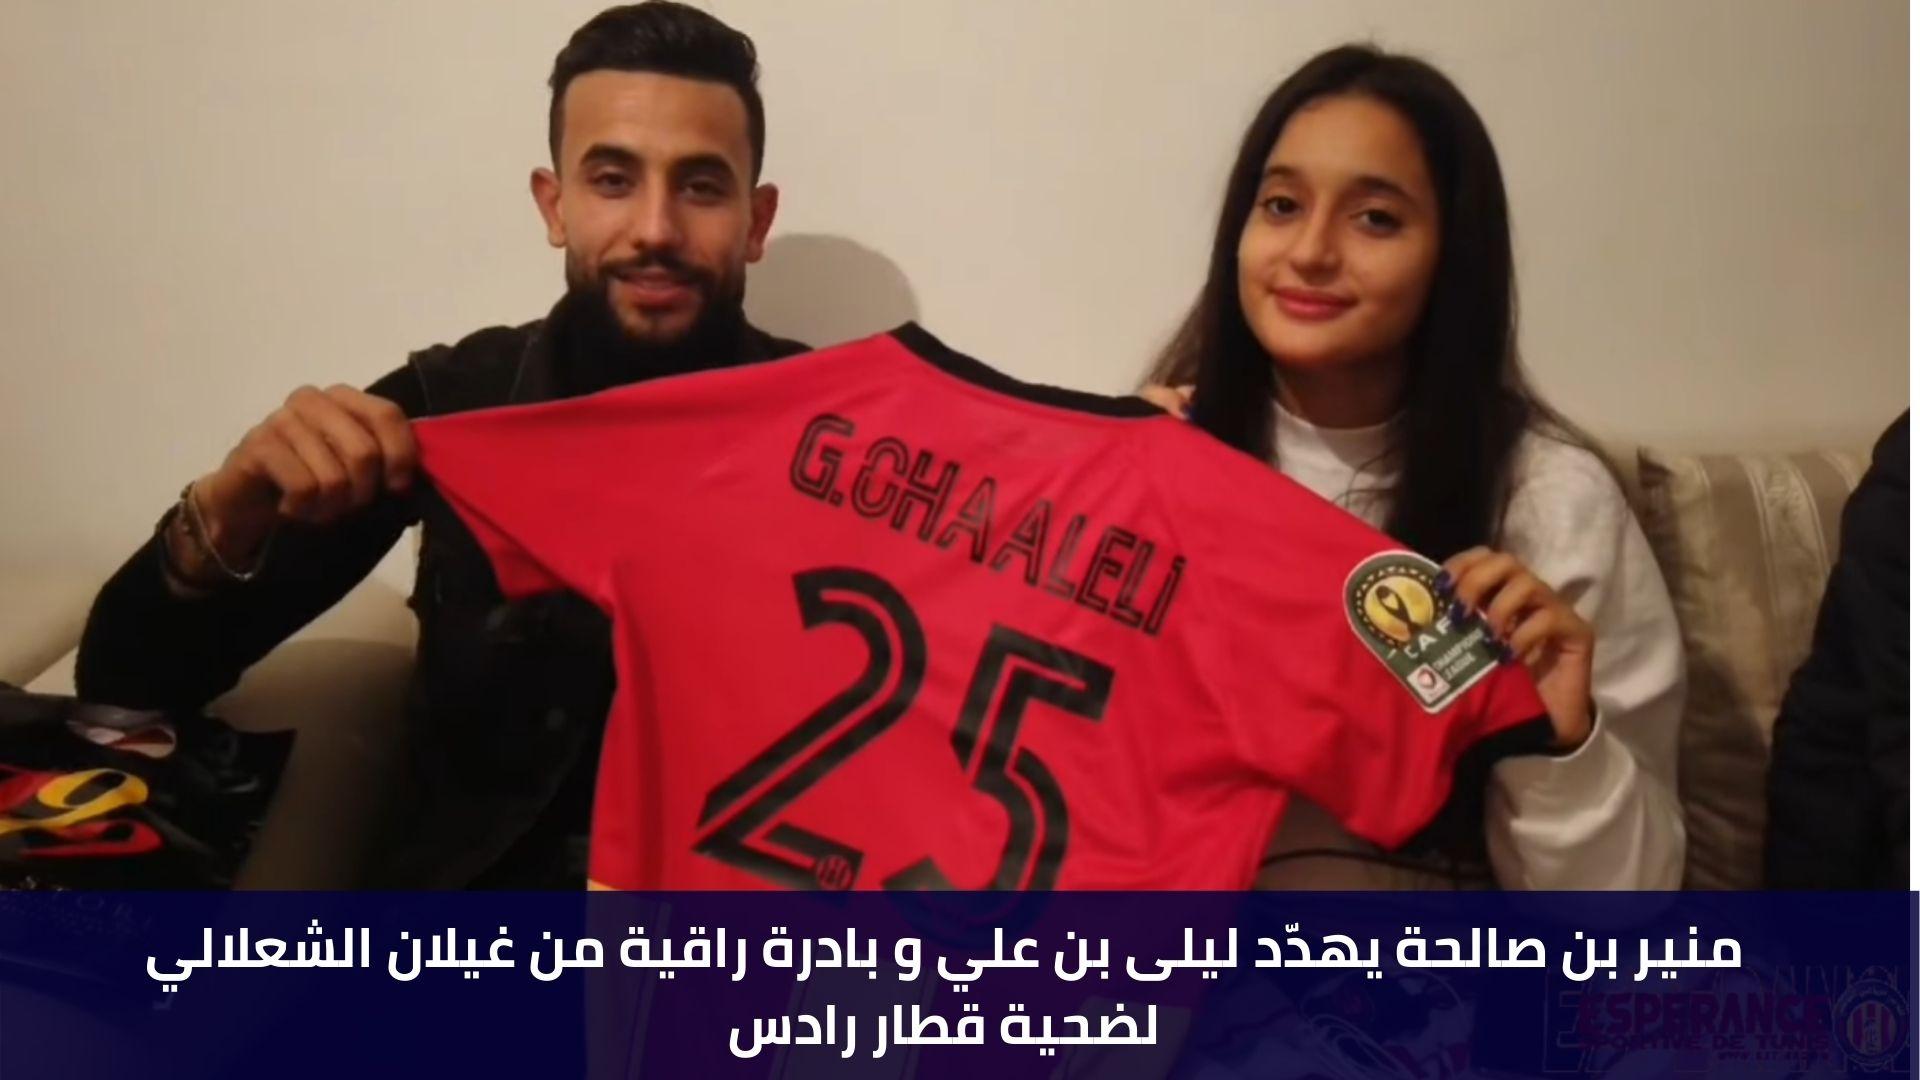 منير بن صالحة يهدّد ليلى بن علي و بادرة راقية من غيلان الشعلالي لضحية قطار رادس